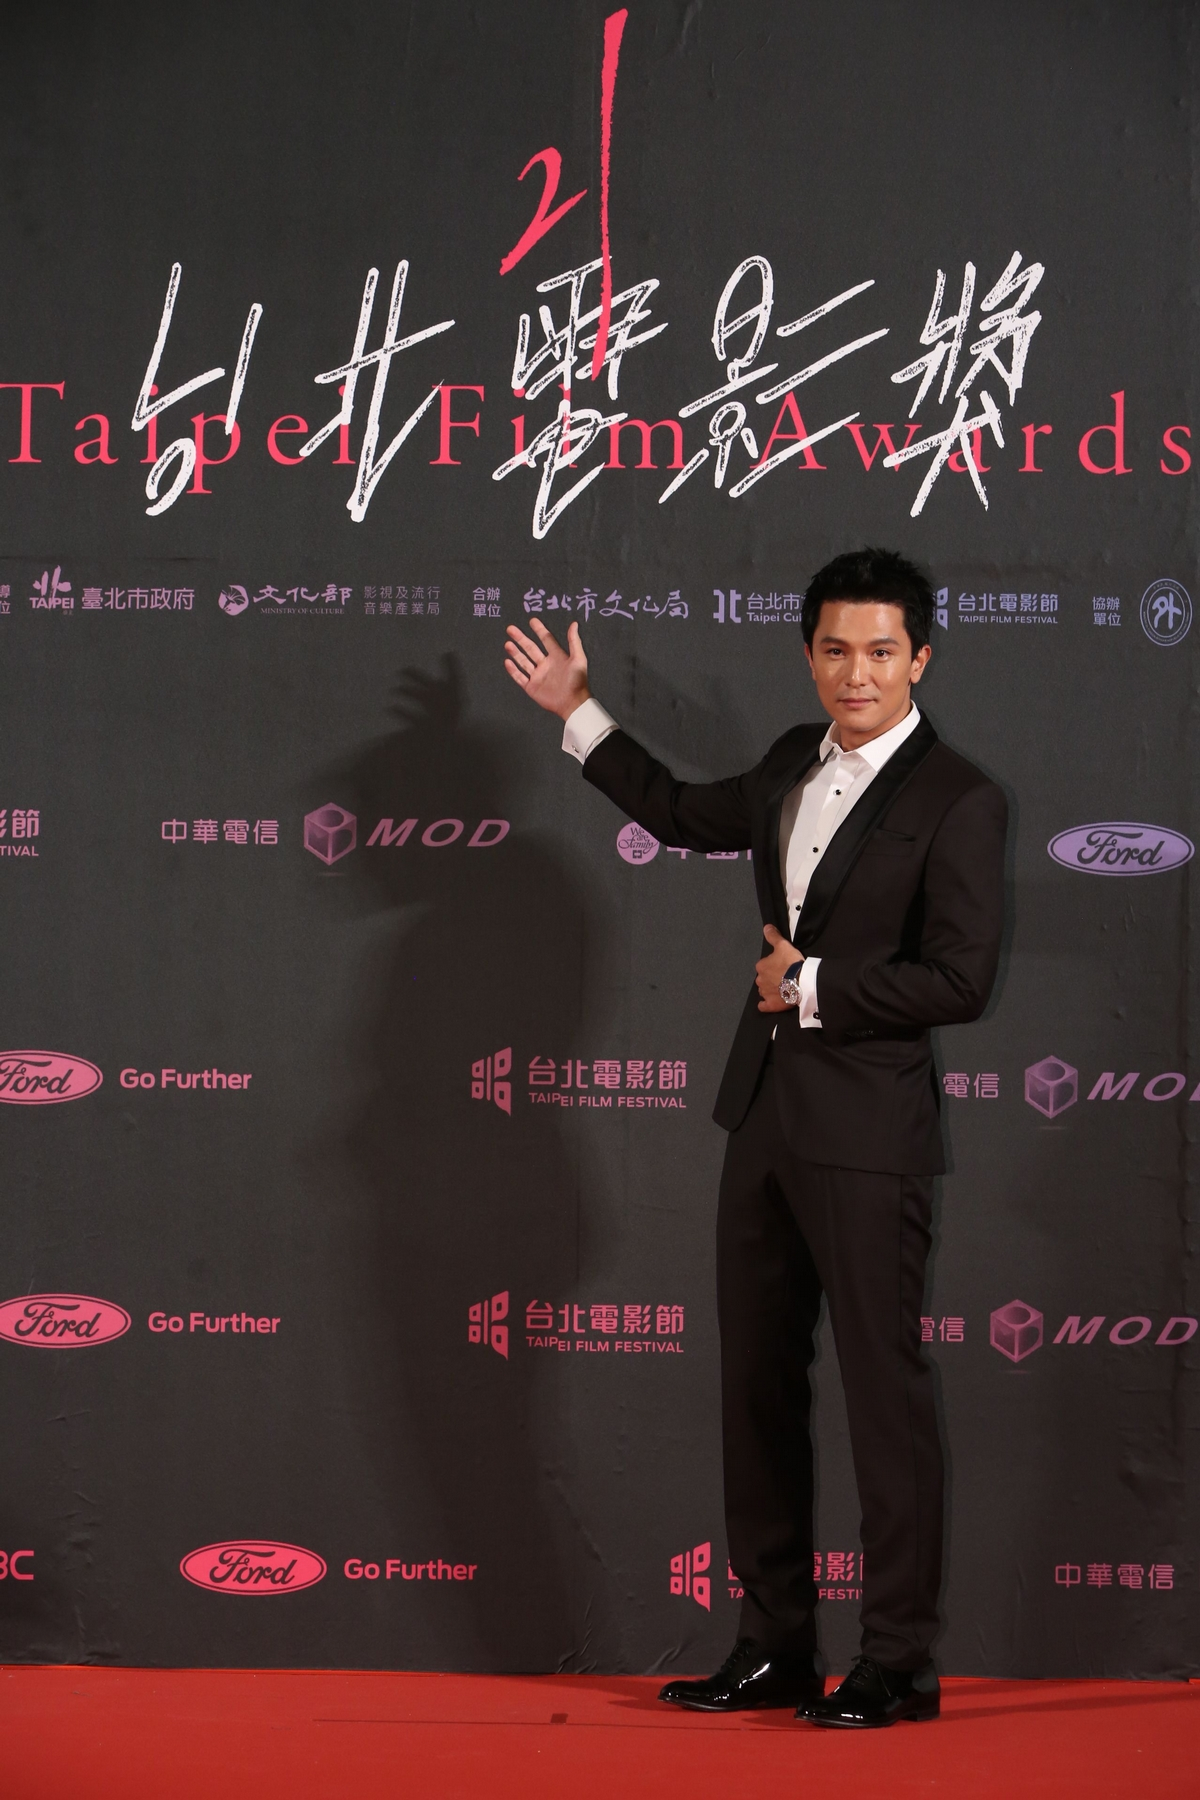 堪稱2019最吸睛紅毯!台北電影節現場,隋棠、徐若瑄、林依晨不只比美還要拼氣場